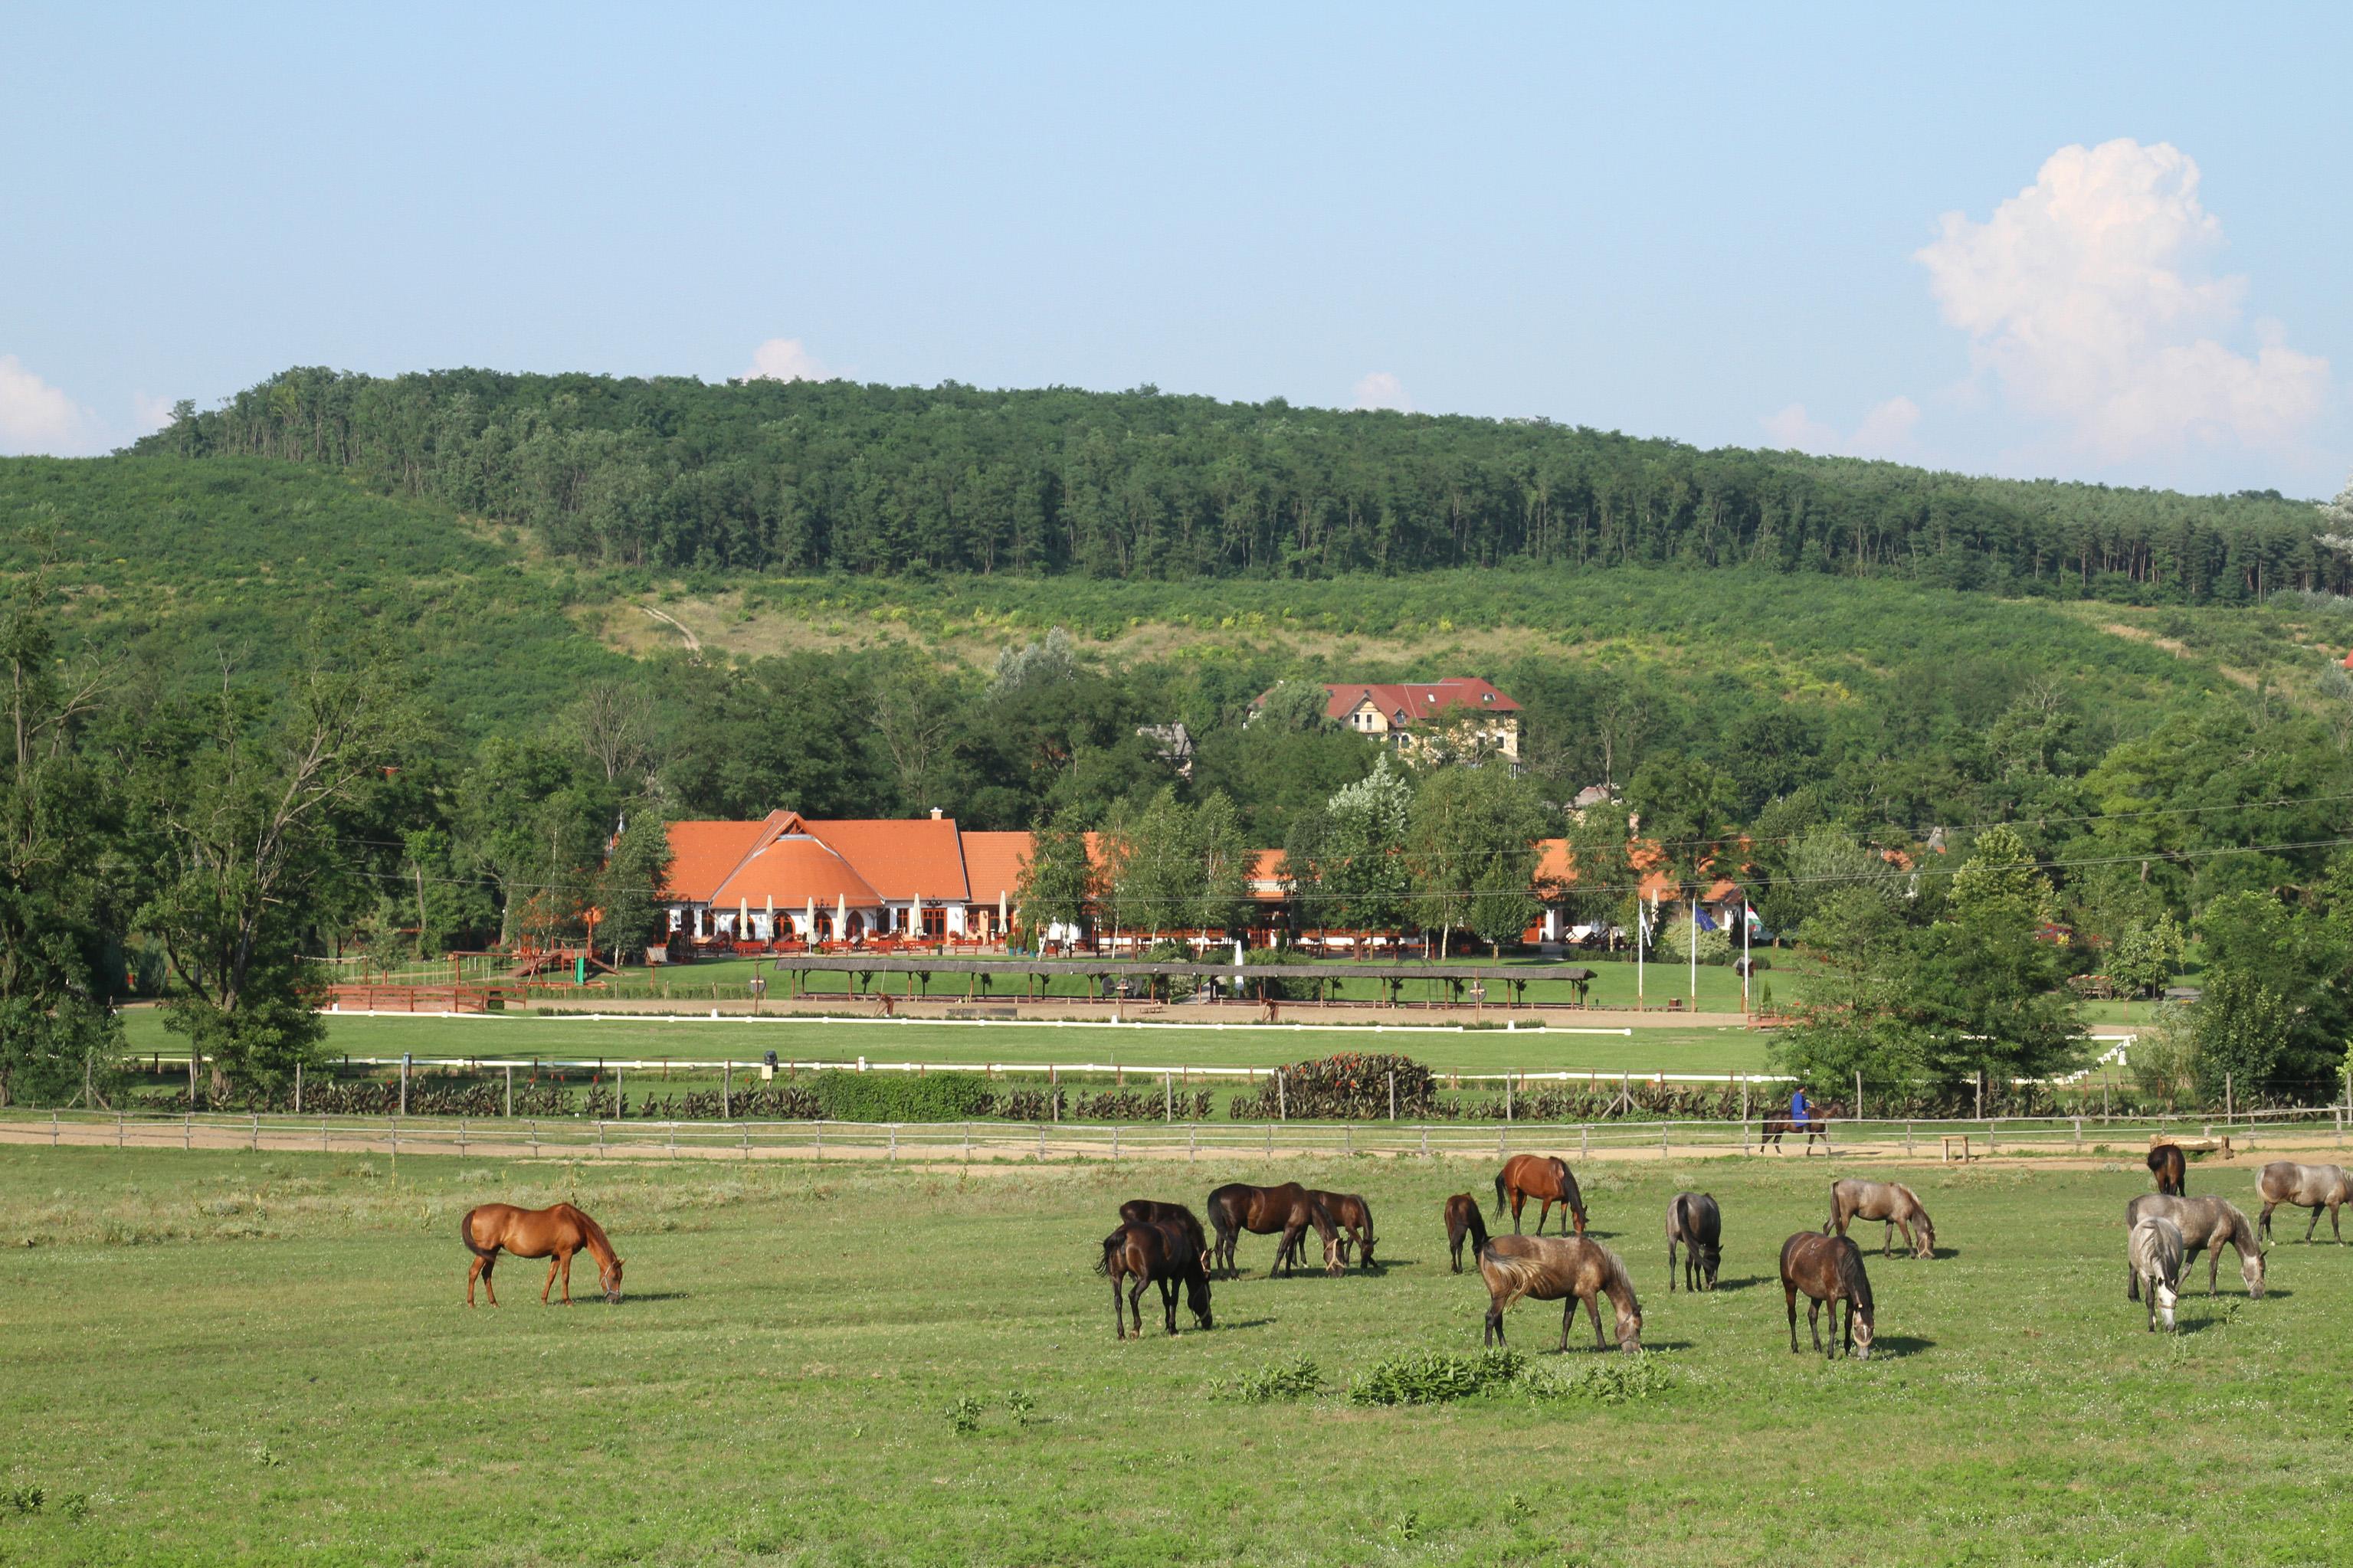 Lazar Equestrian Park Dinner Venue • Budapest, Hungary